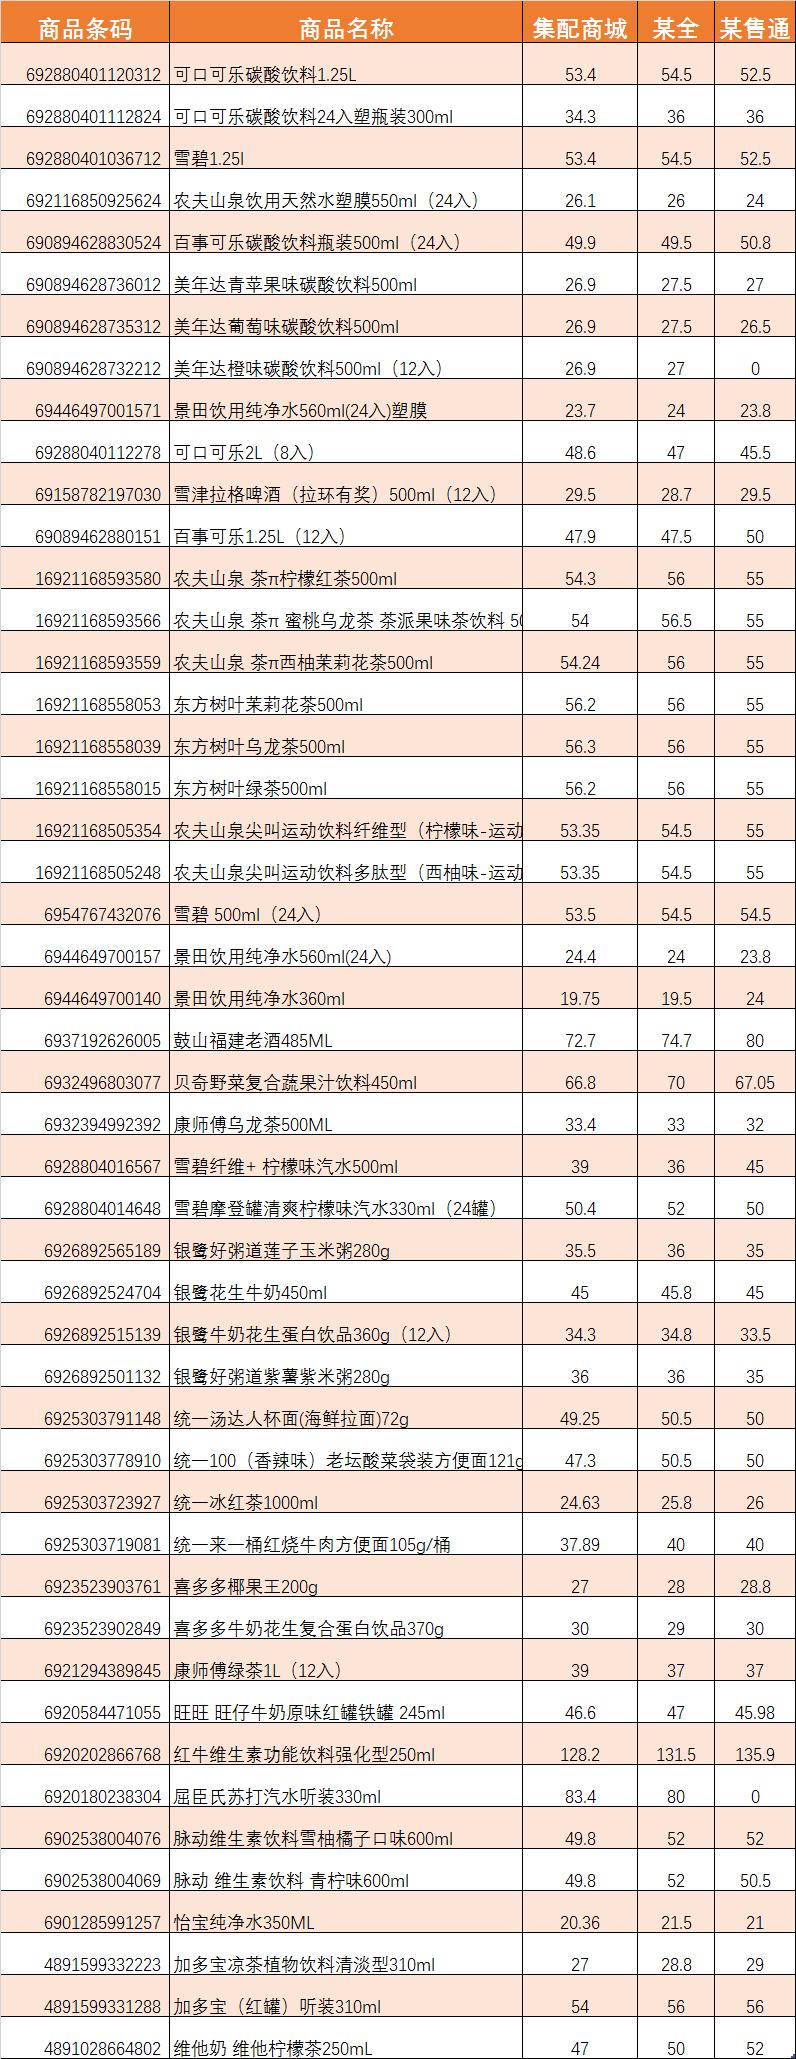 726DDB8D-5048-4fe4-A40B-82BDF9C4C1A6.png